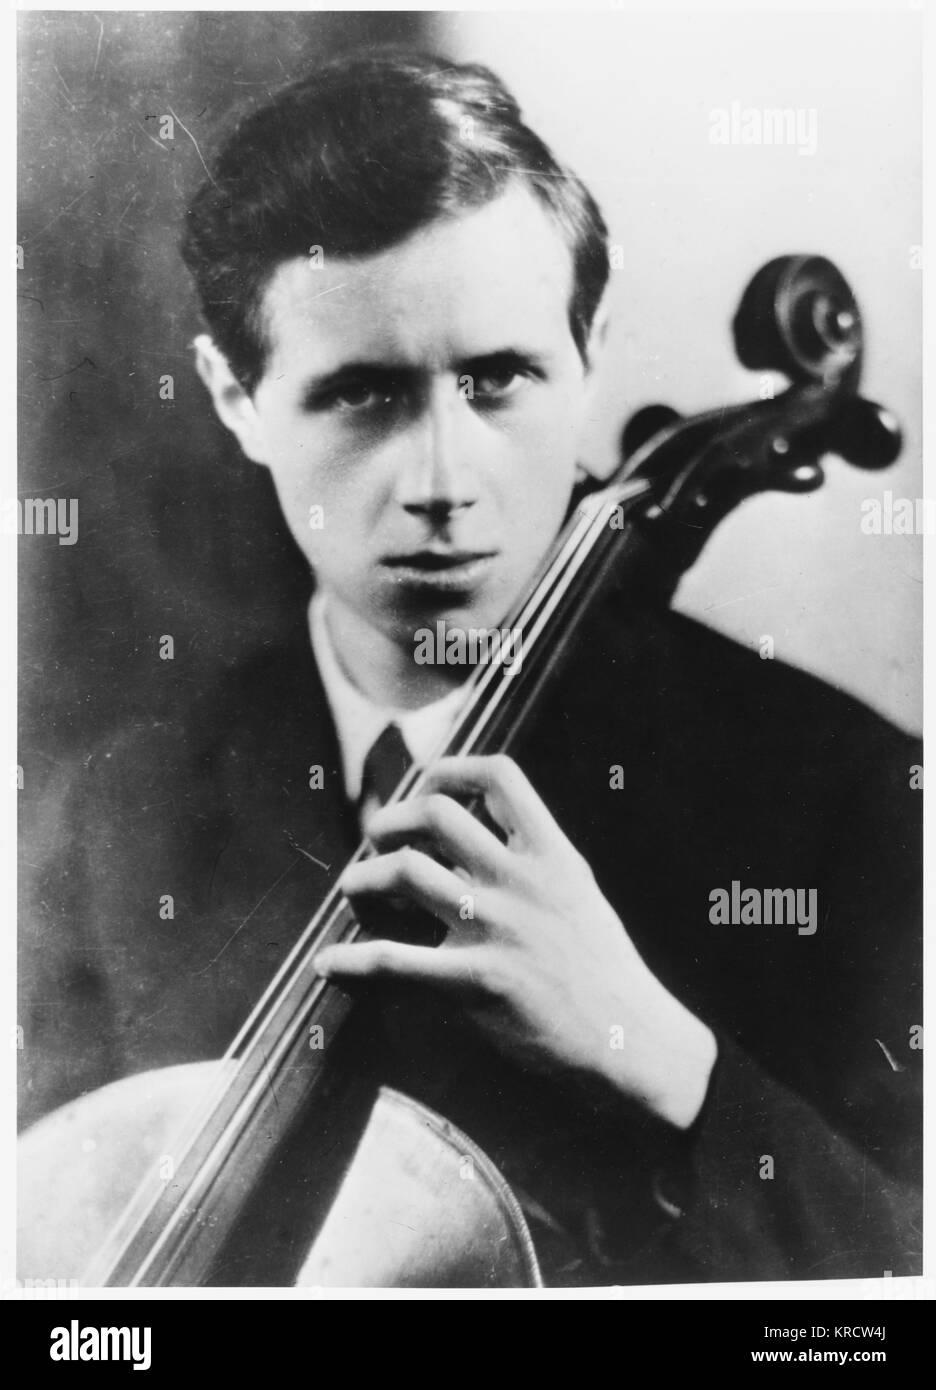 MSTISLAV ROSTROPOVICH Russian cellist Date: 1927 - 2007 - Stock Image